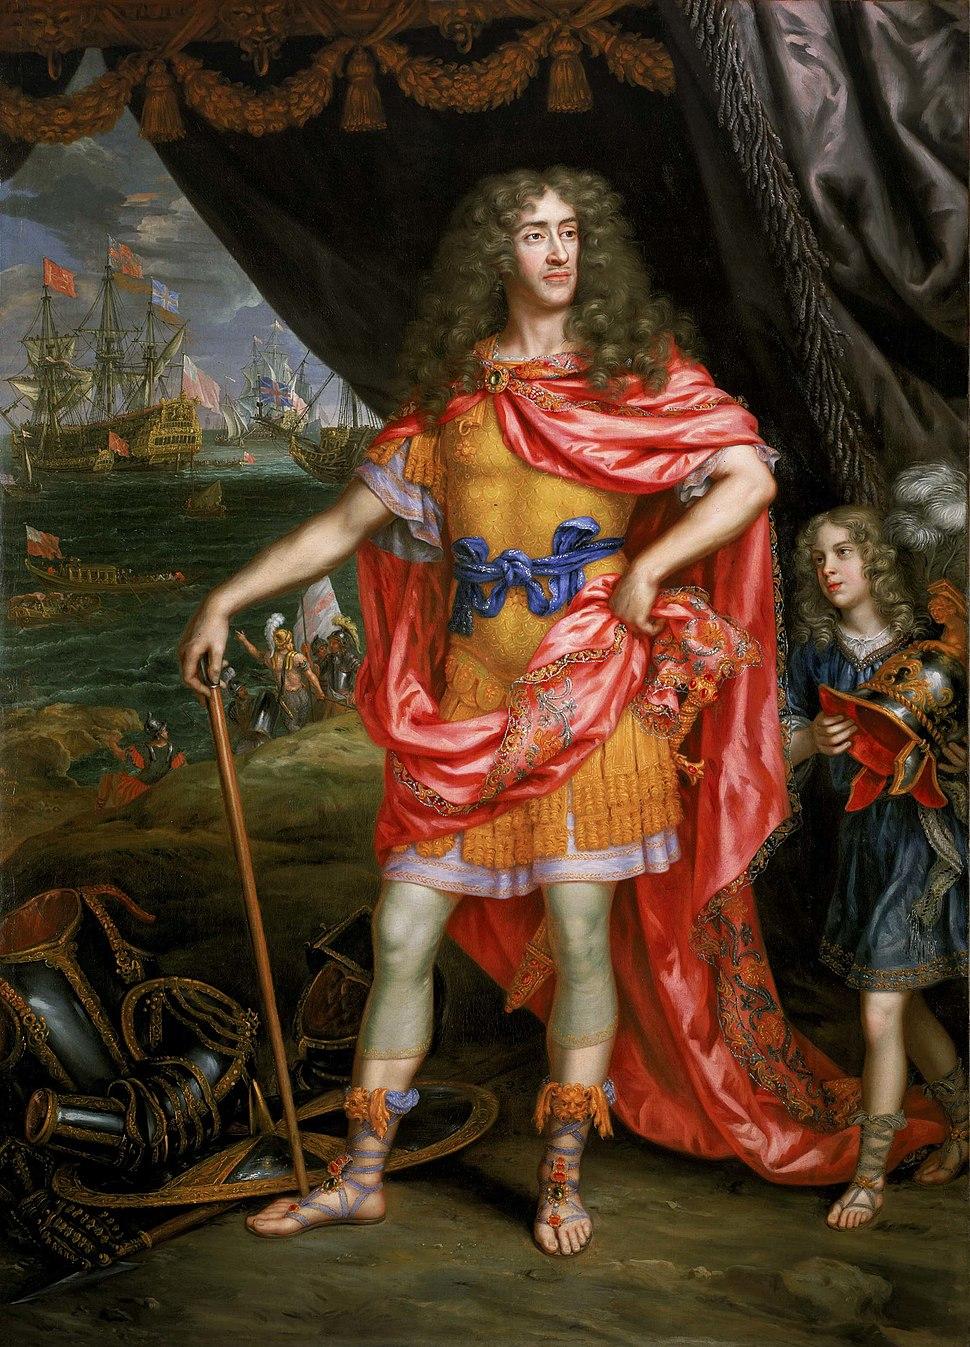 James, Duke of York - Romanesque